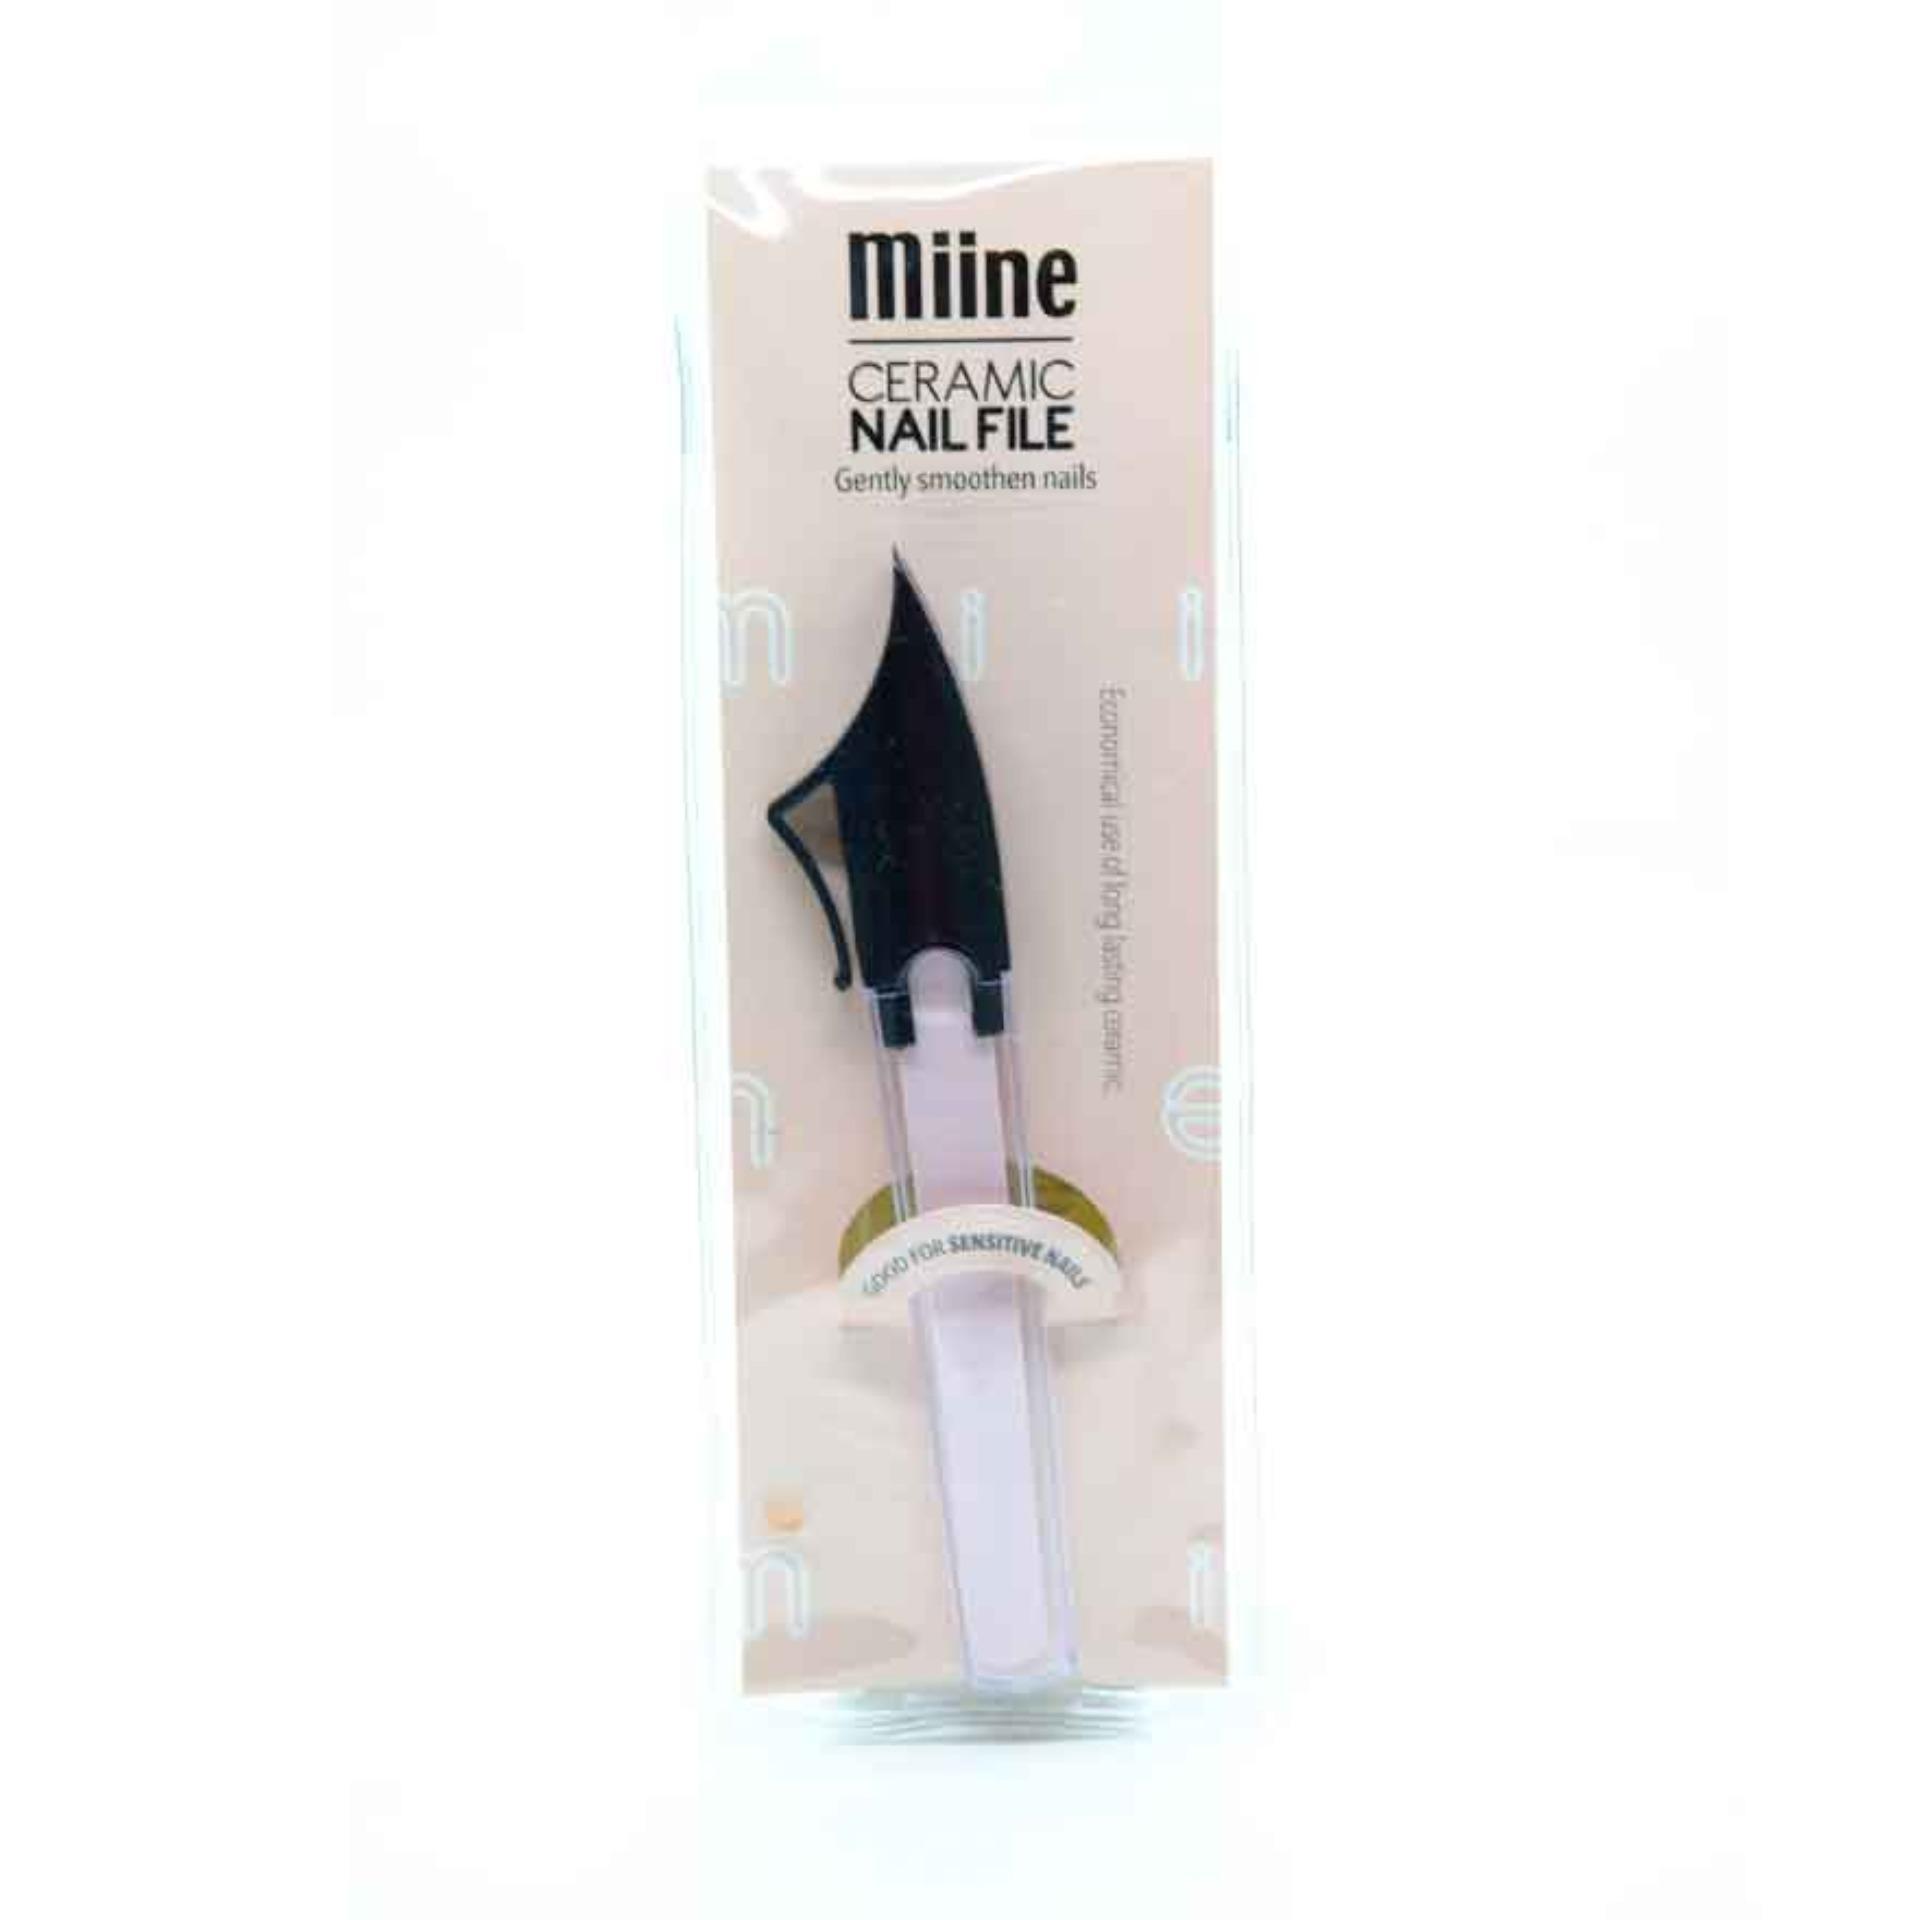 MIINE Ceramic Nail File Philippines